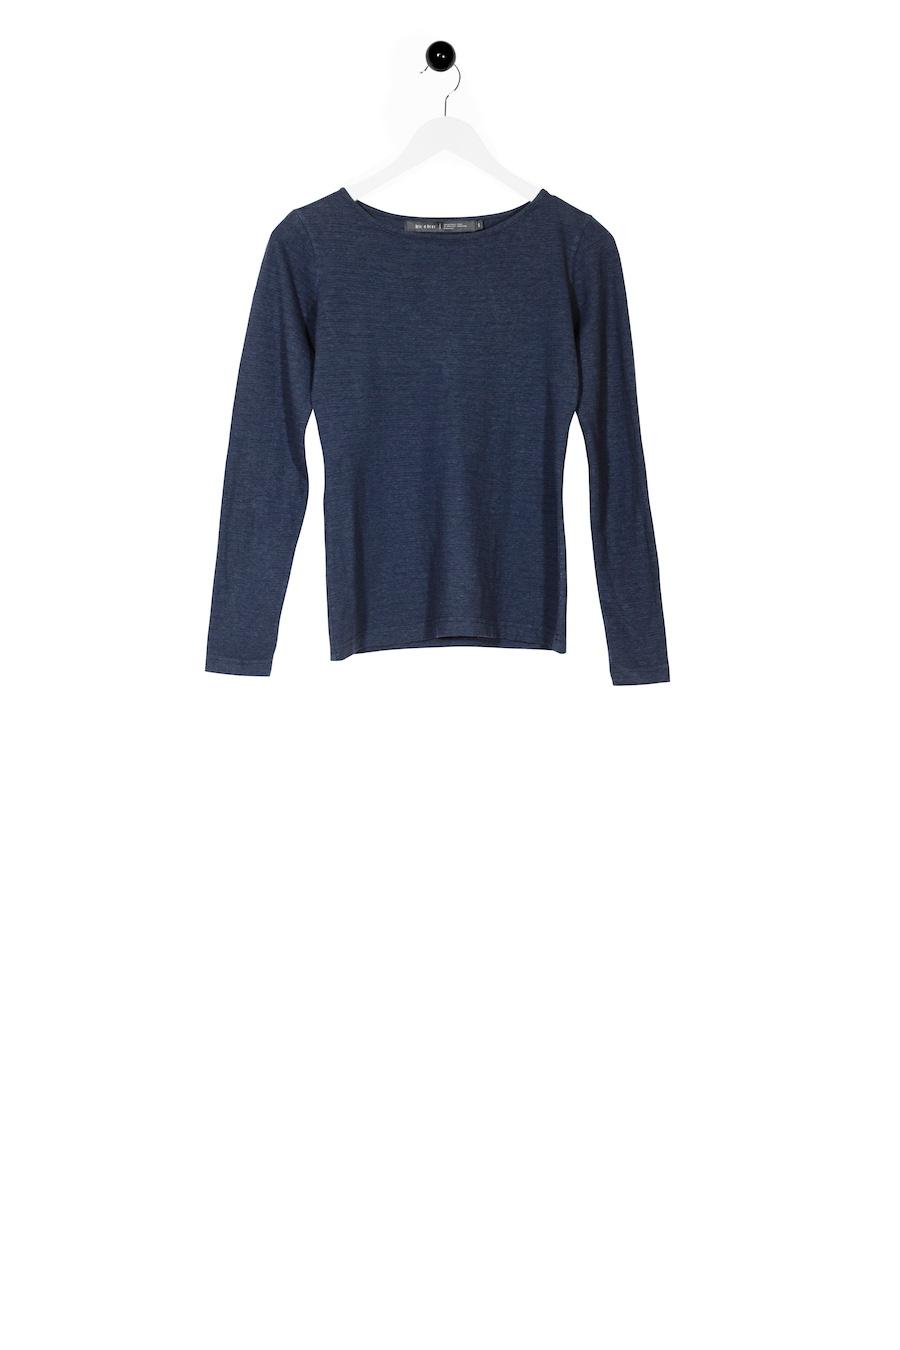 Örtofta Sweater